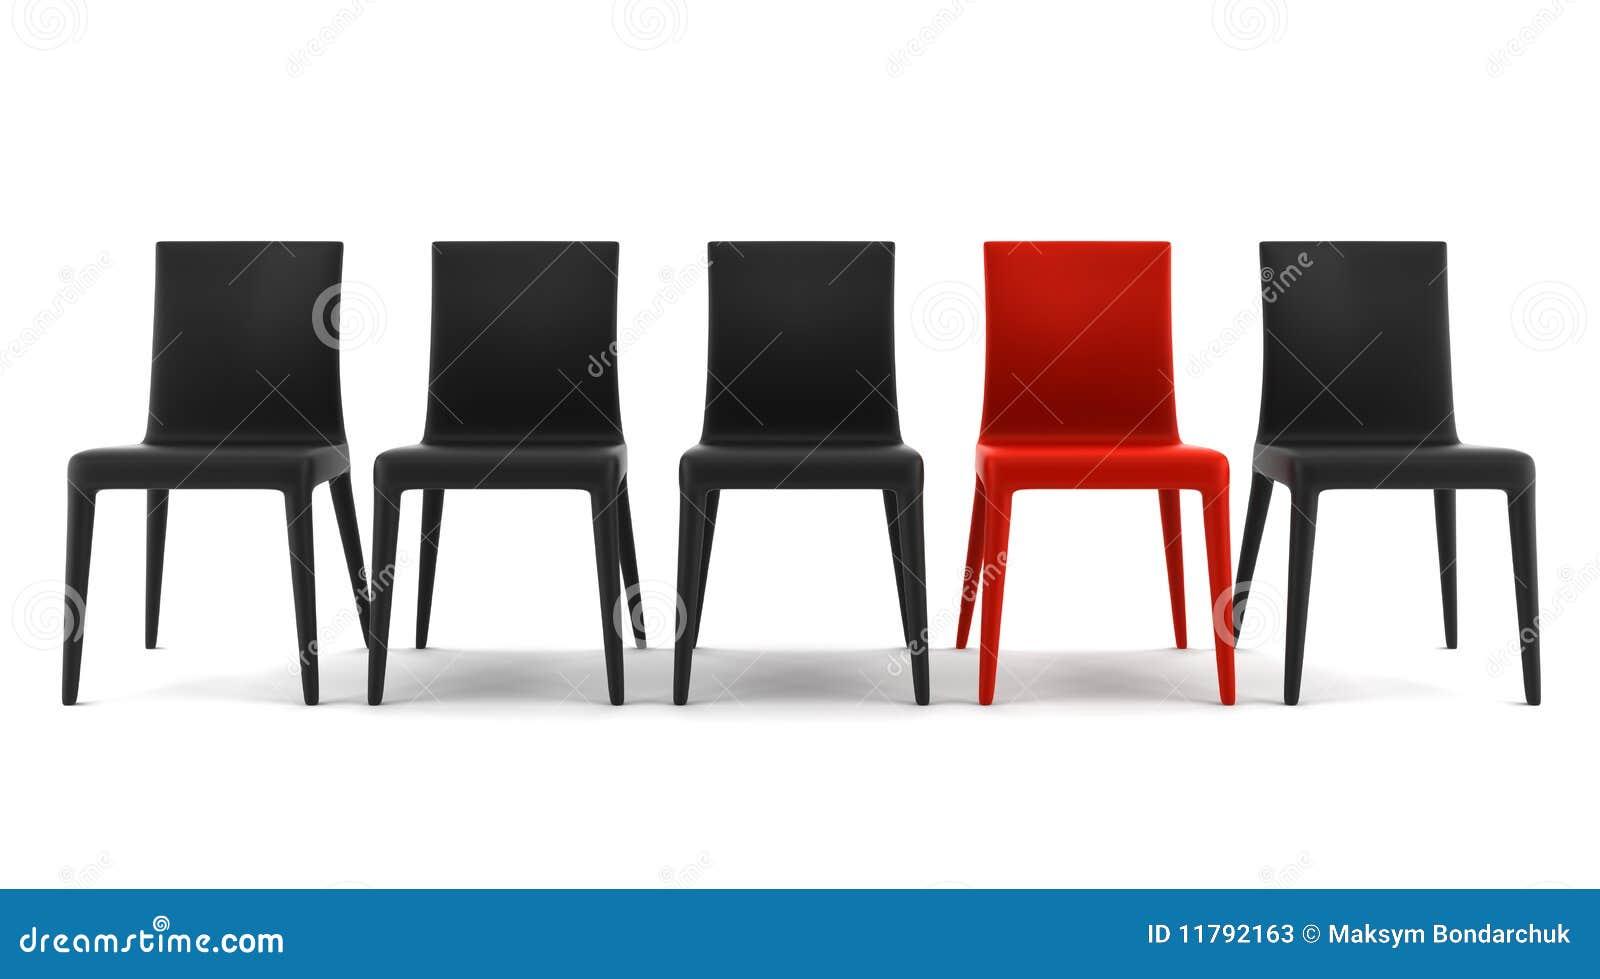 Silla roja entre las sillas negras aisladas en blanco